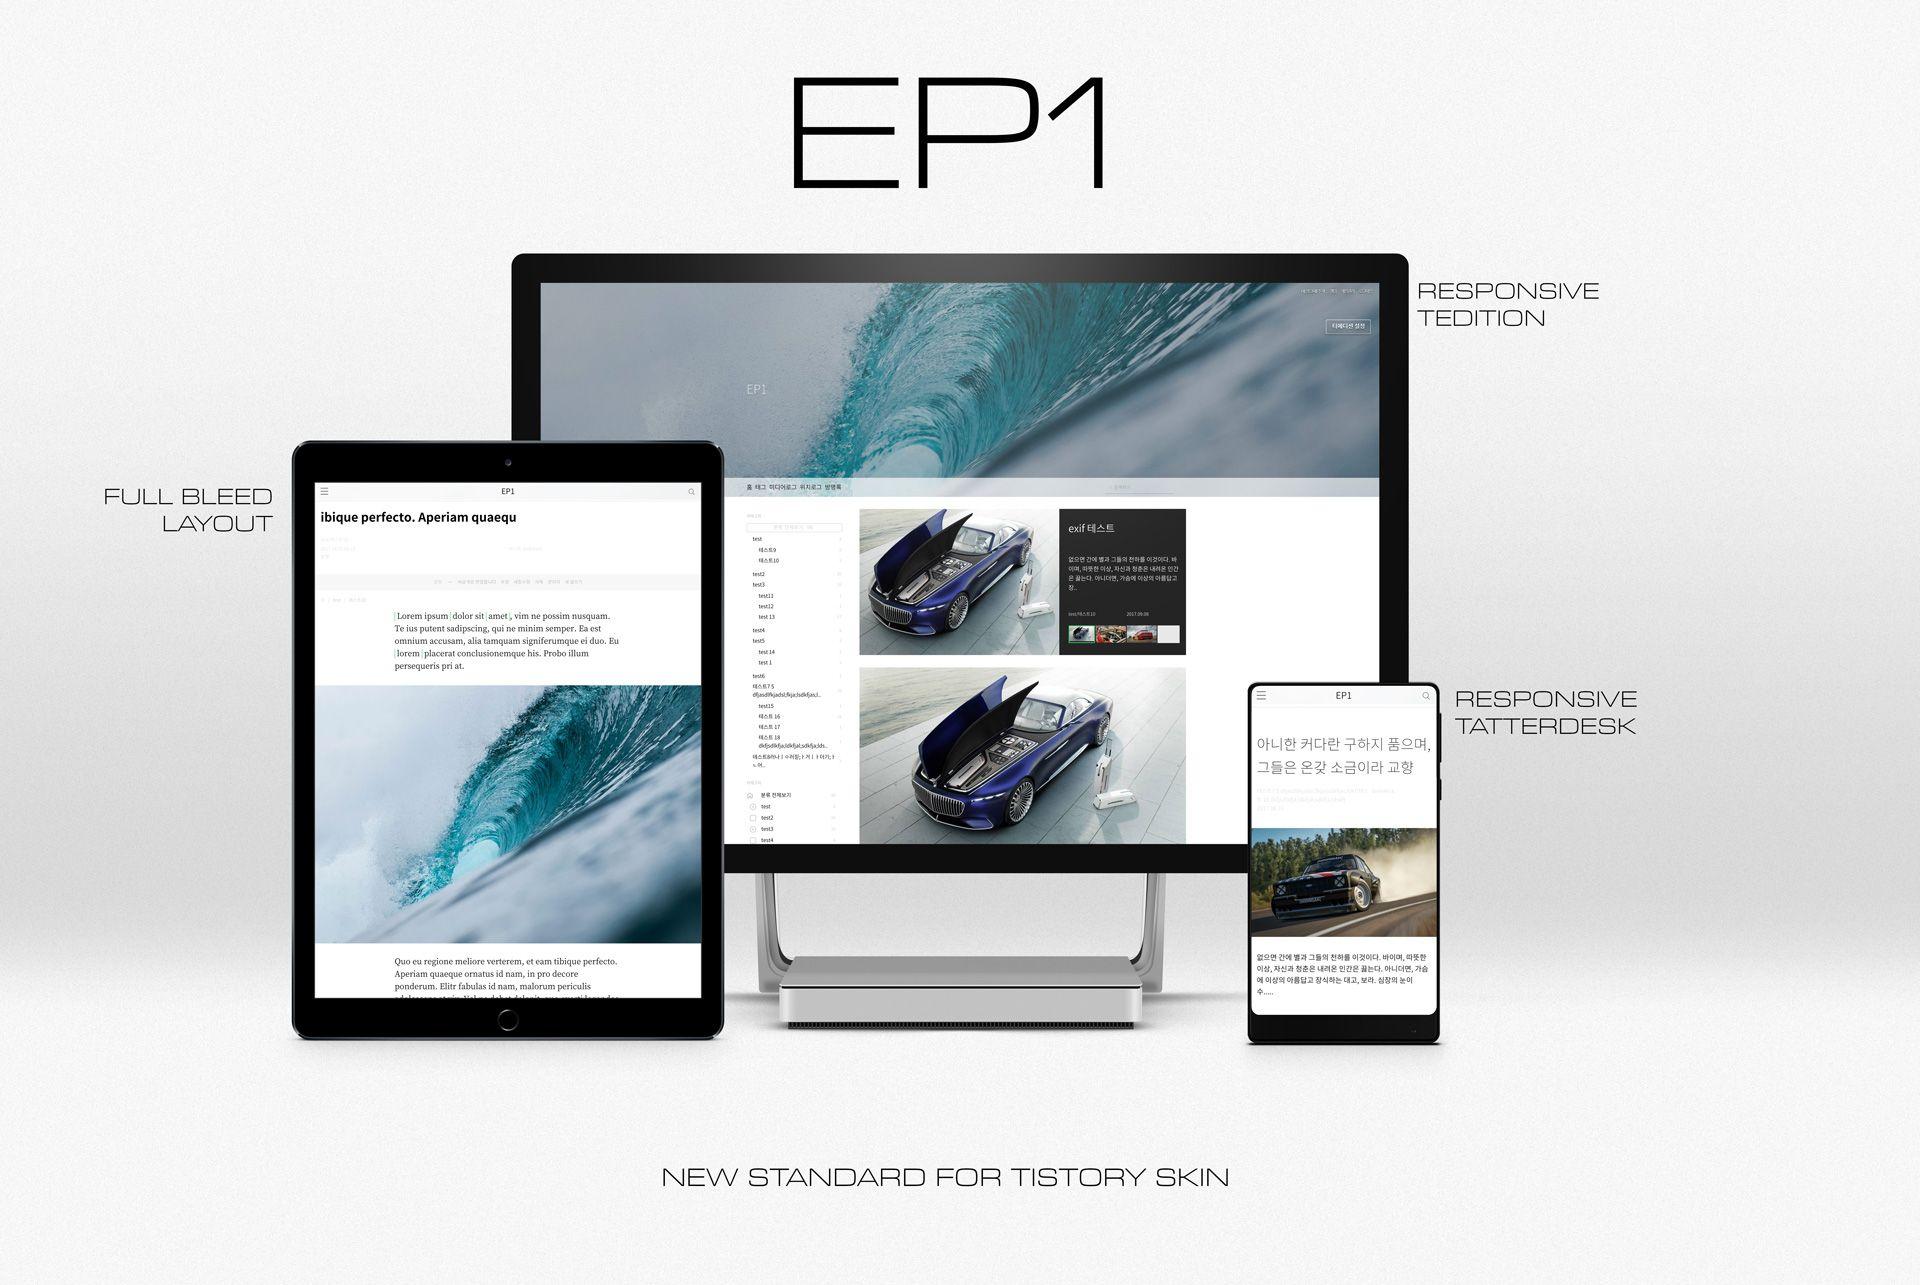 ep1 compressor  - 最初の100%反応型ティーエディション、テッターデスクサポート寀ースキンEP1公開